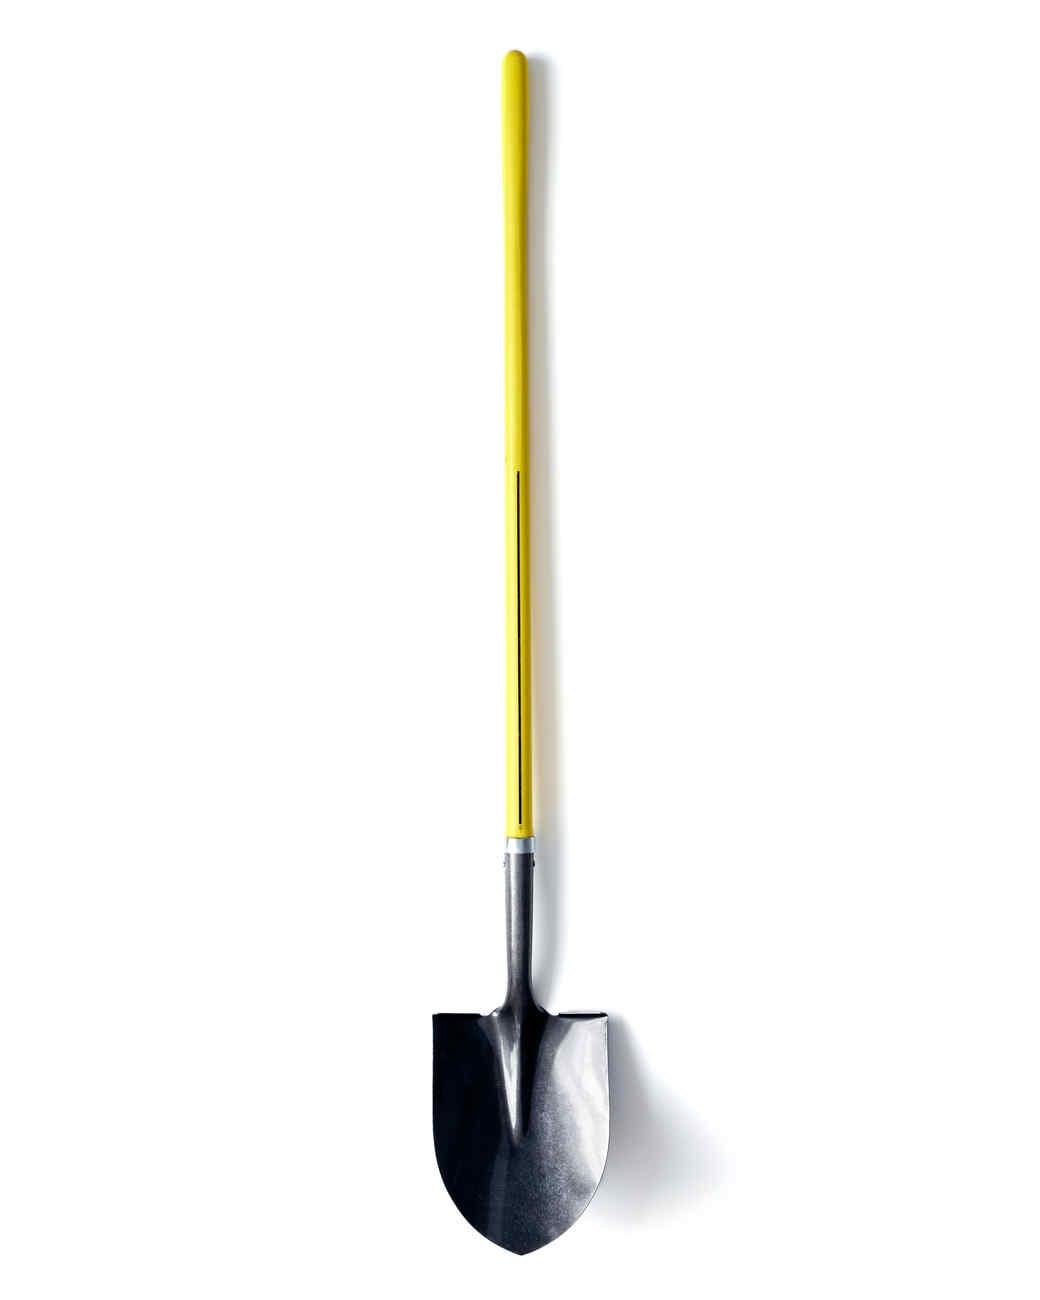 snow-shovel-sandra-lee-ld110707-1215.jpg